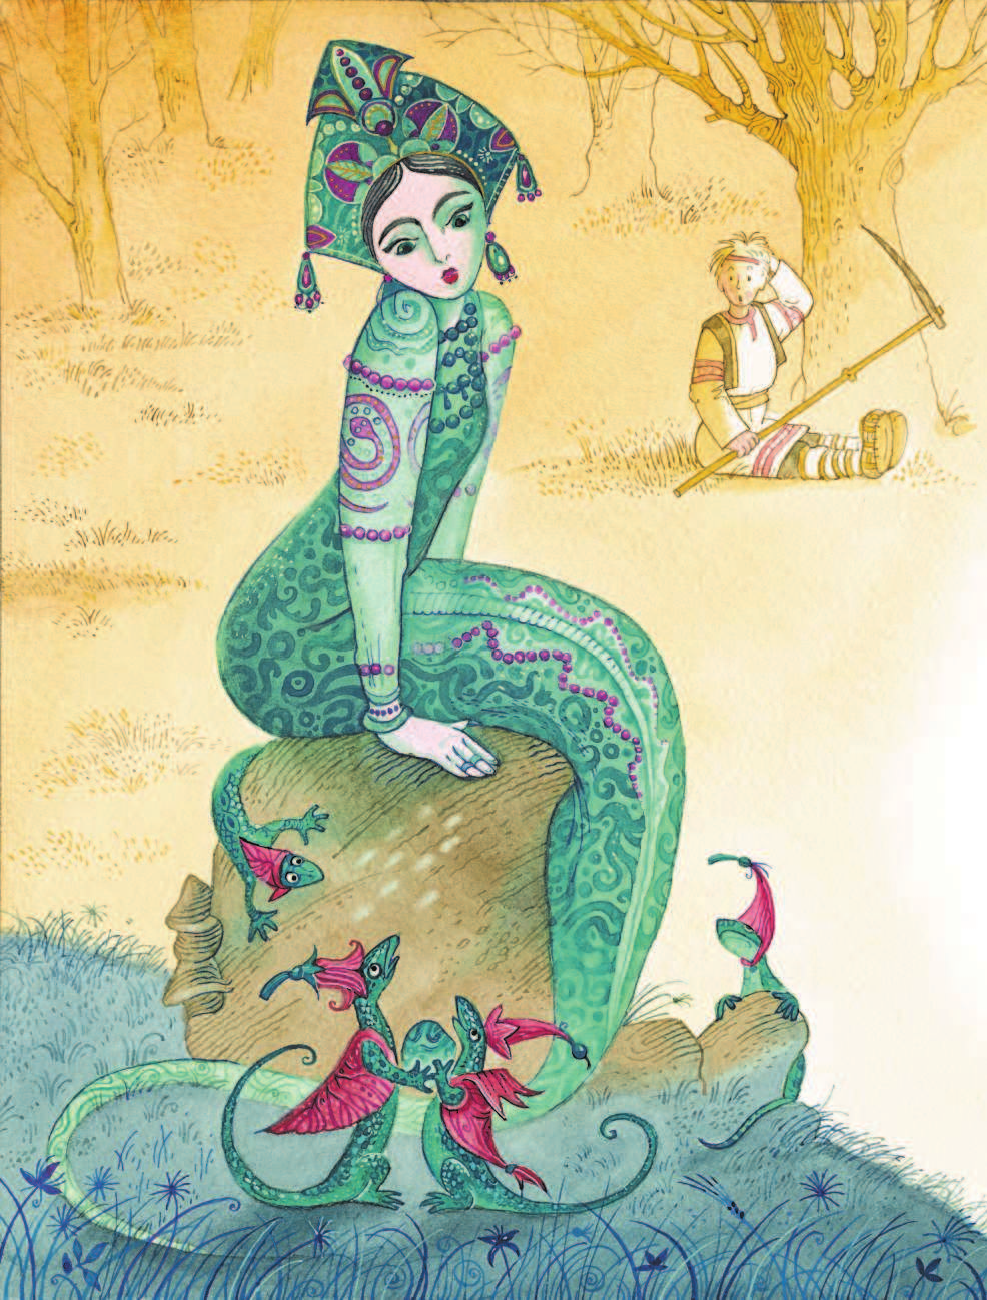 мороз малахитовая шкатулка сказка с картинками шарфы шерсти